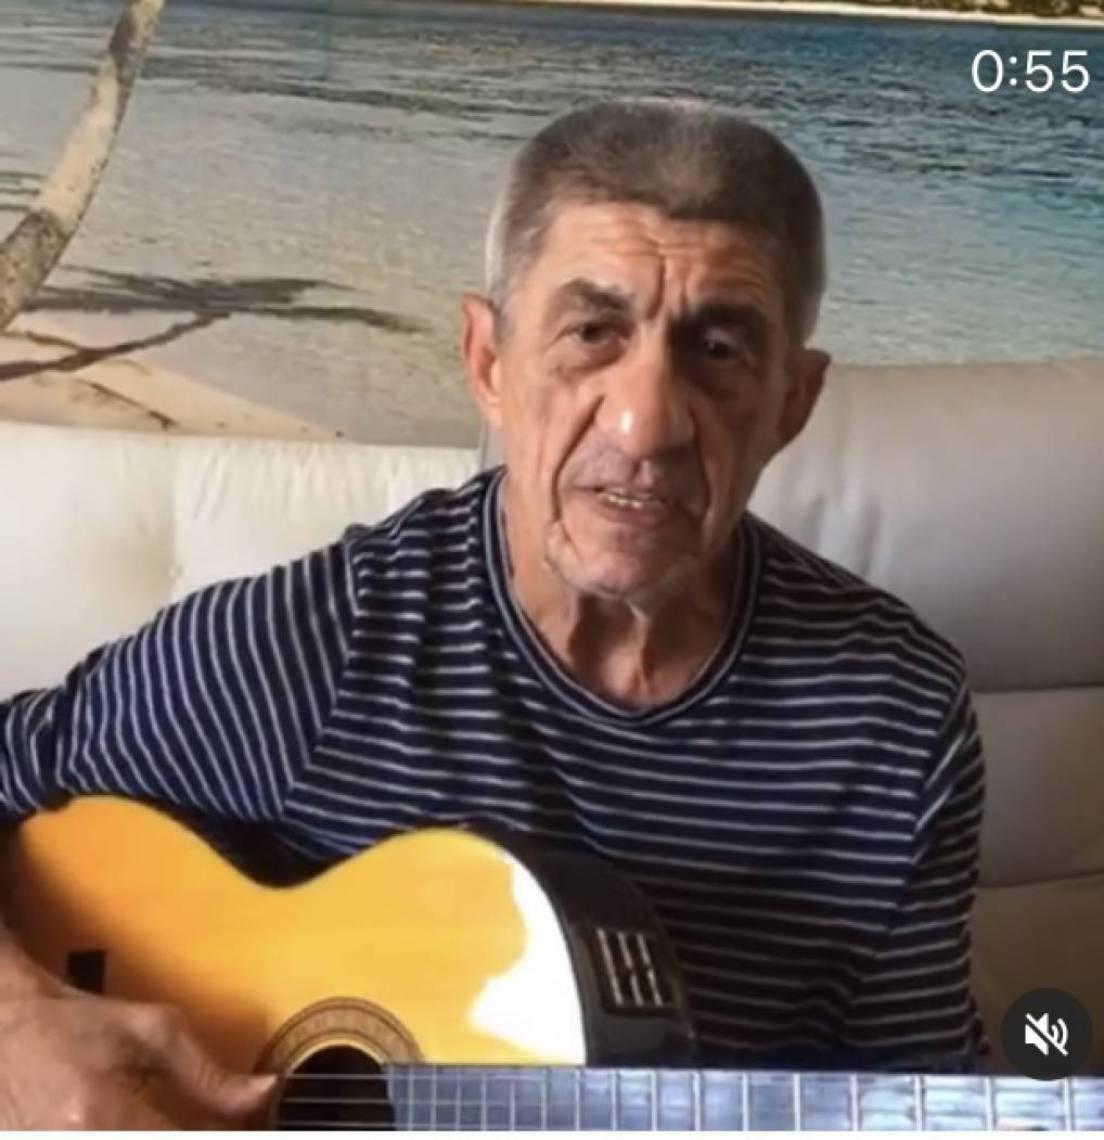 Fagner cantou em homenagem a Evaldo Gouveia, morto na noite de sexta-feira, em Fortaleza